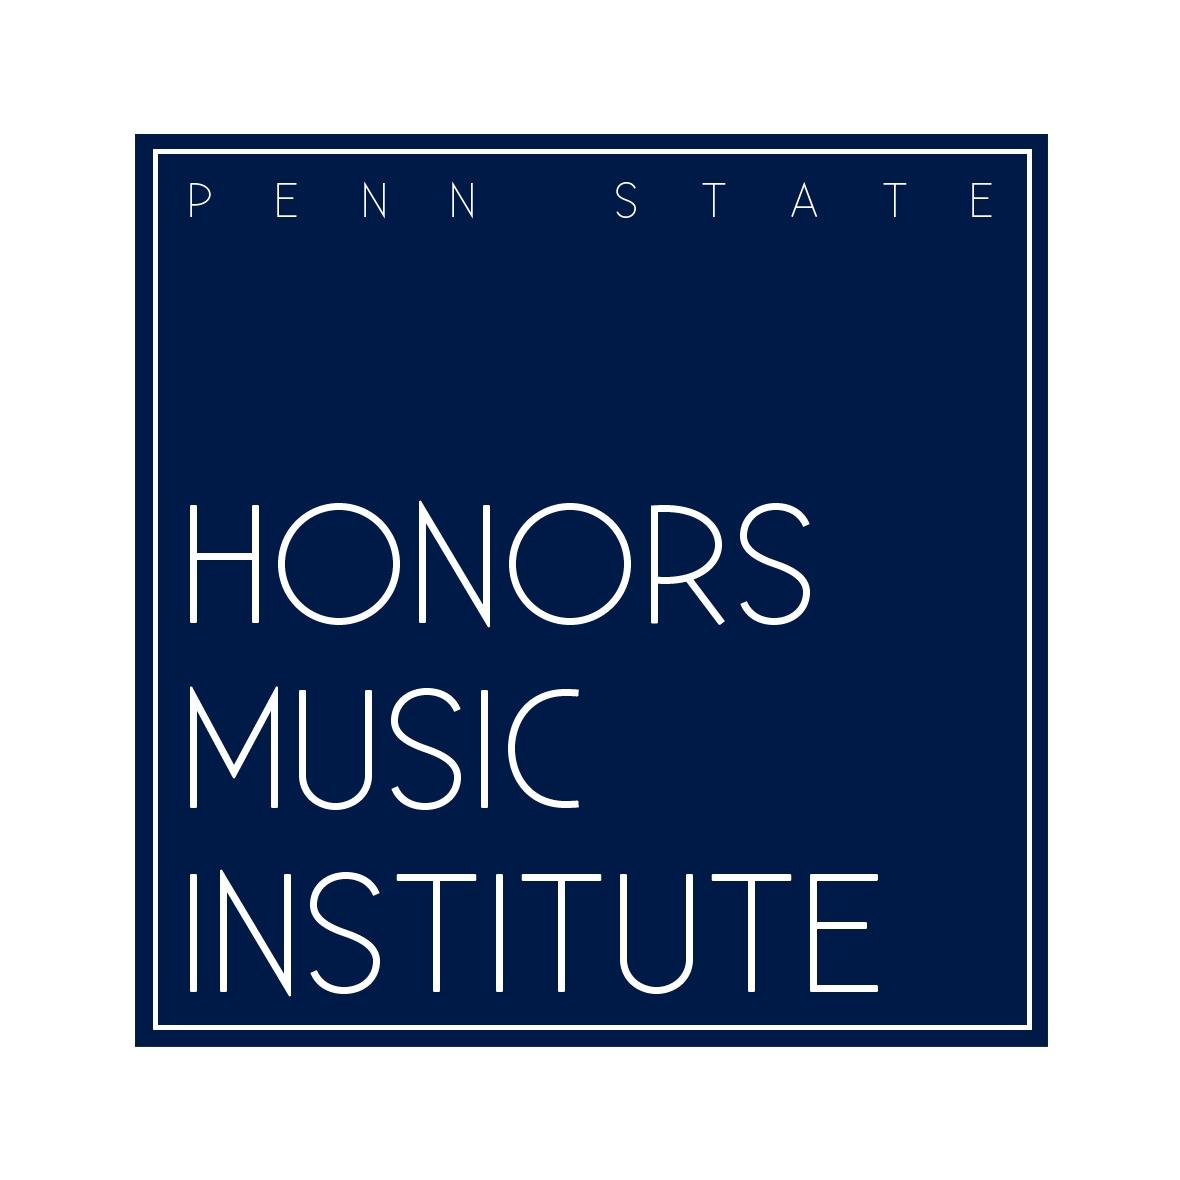 Logo design for Penn State's summer music program, Honors Music Institute.